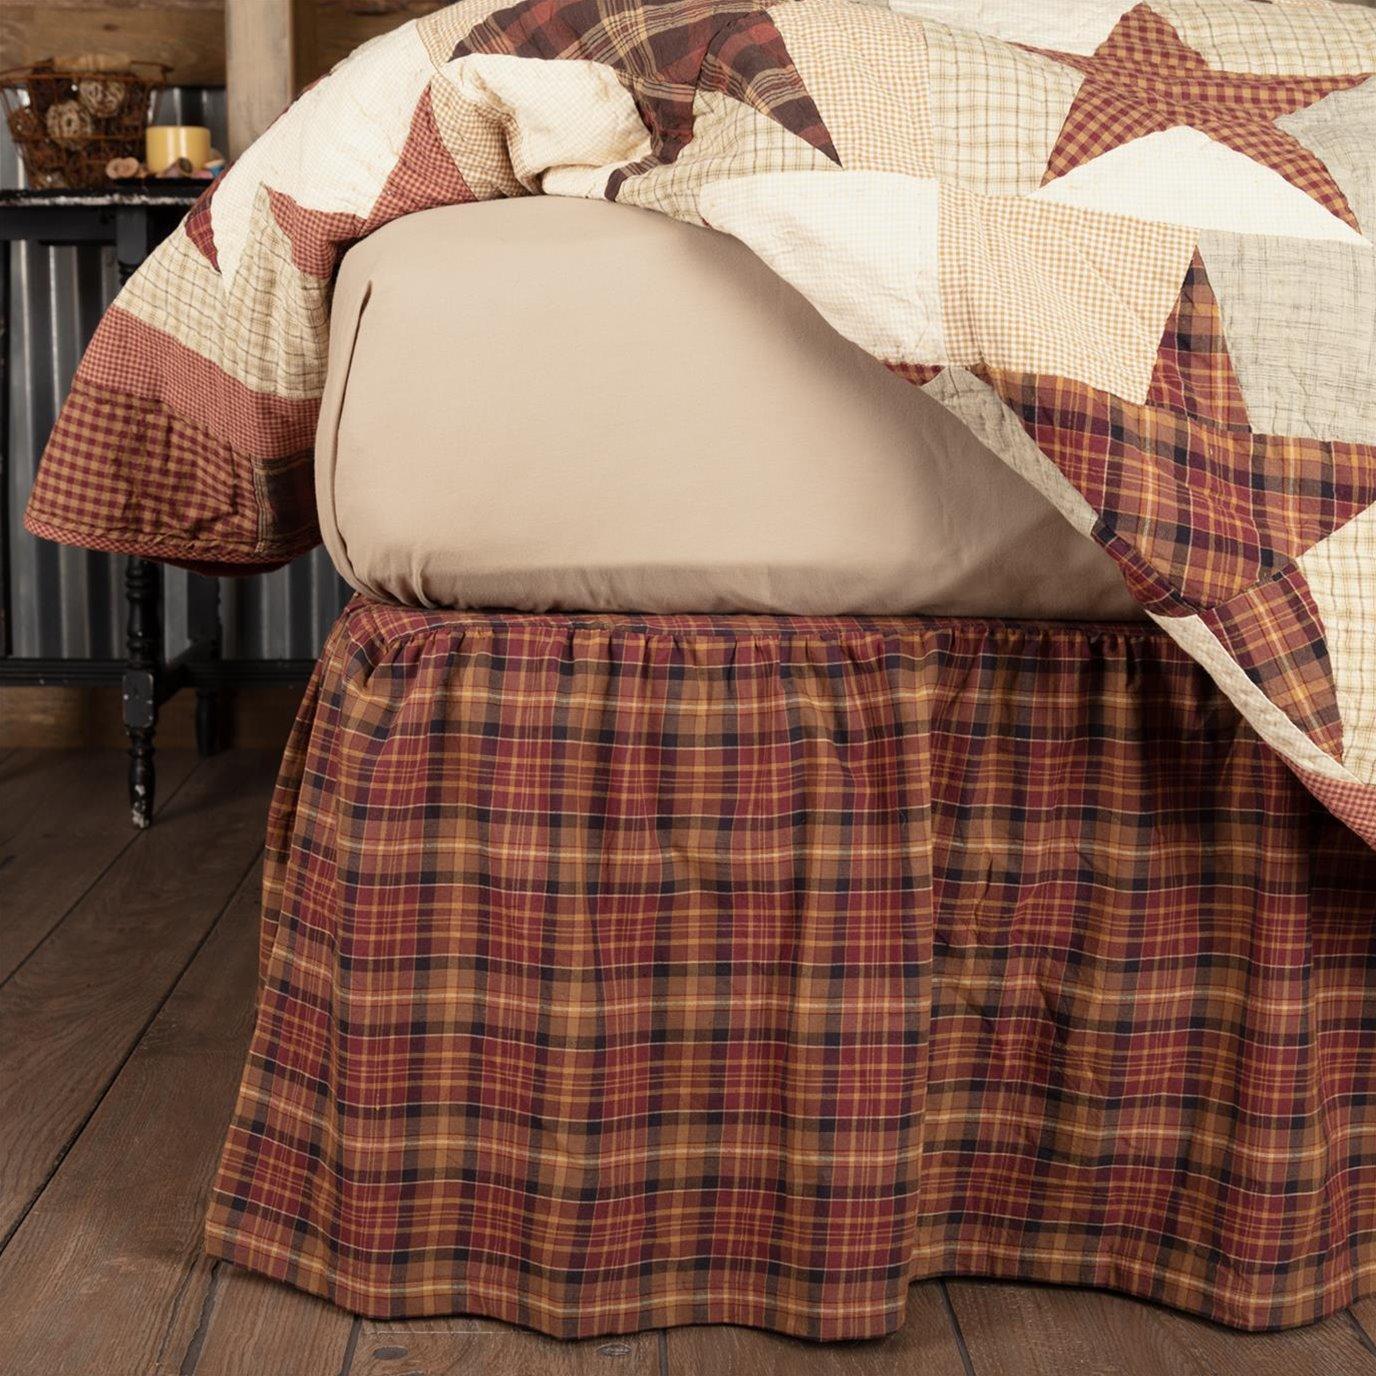 Abilene Star Queen Bed Skirt 60x80x16